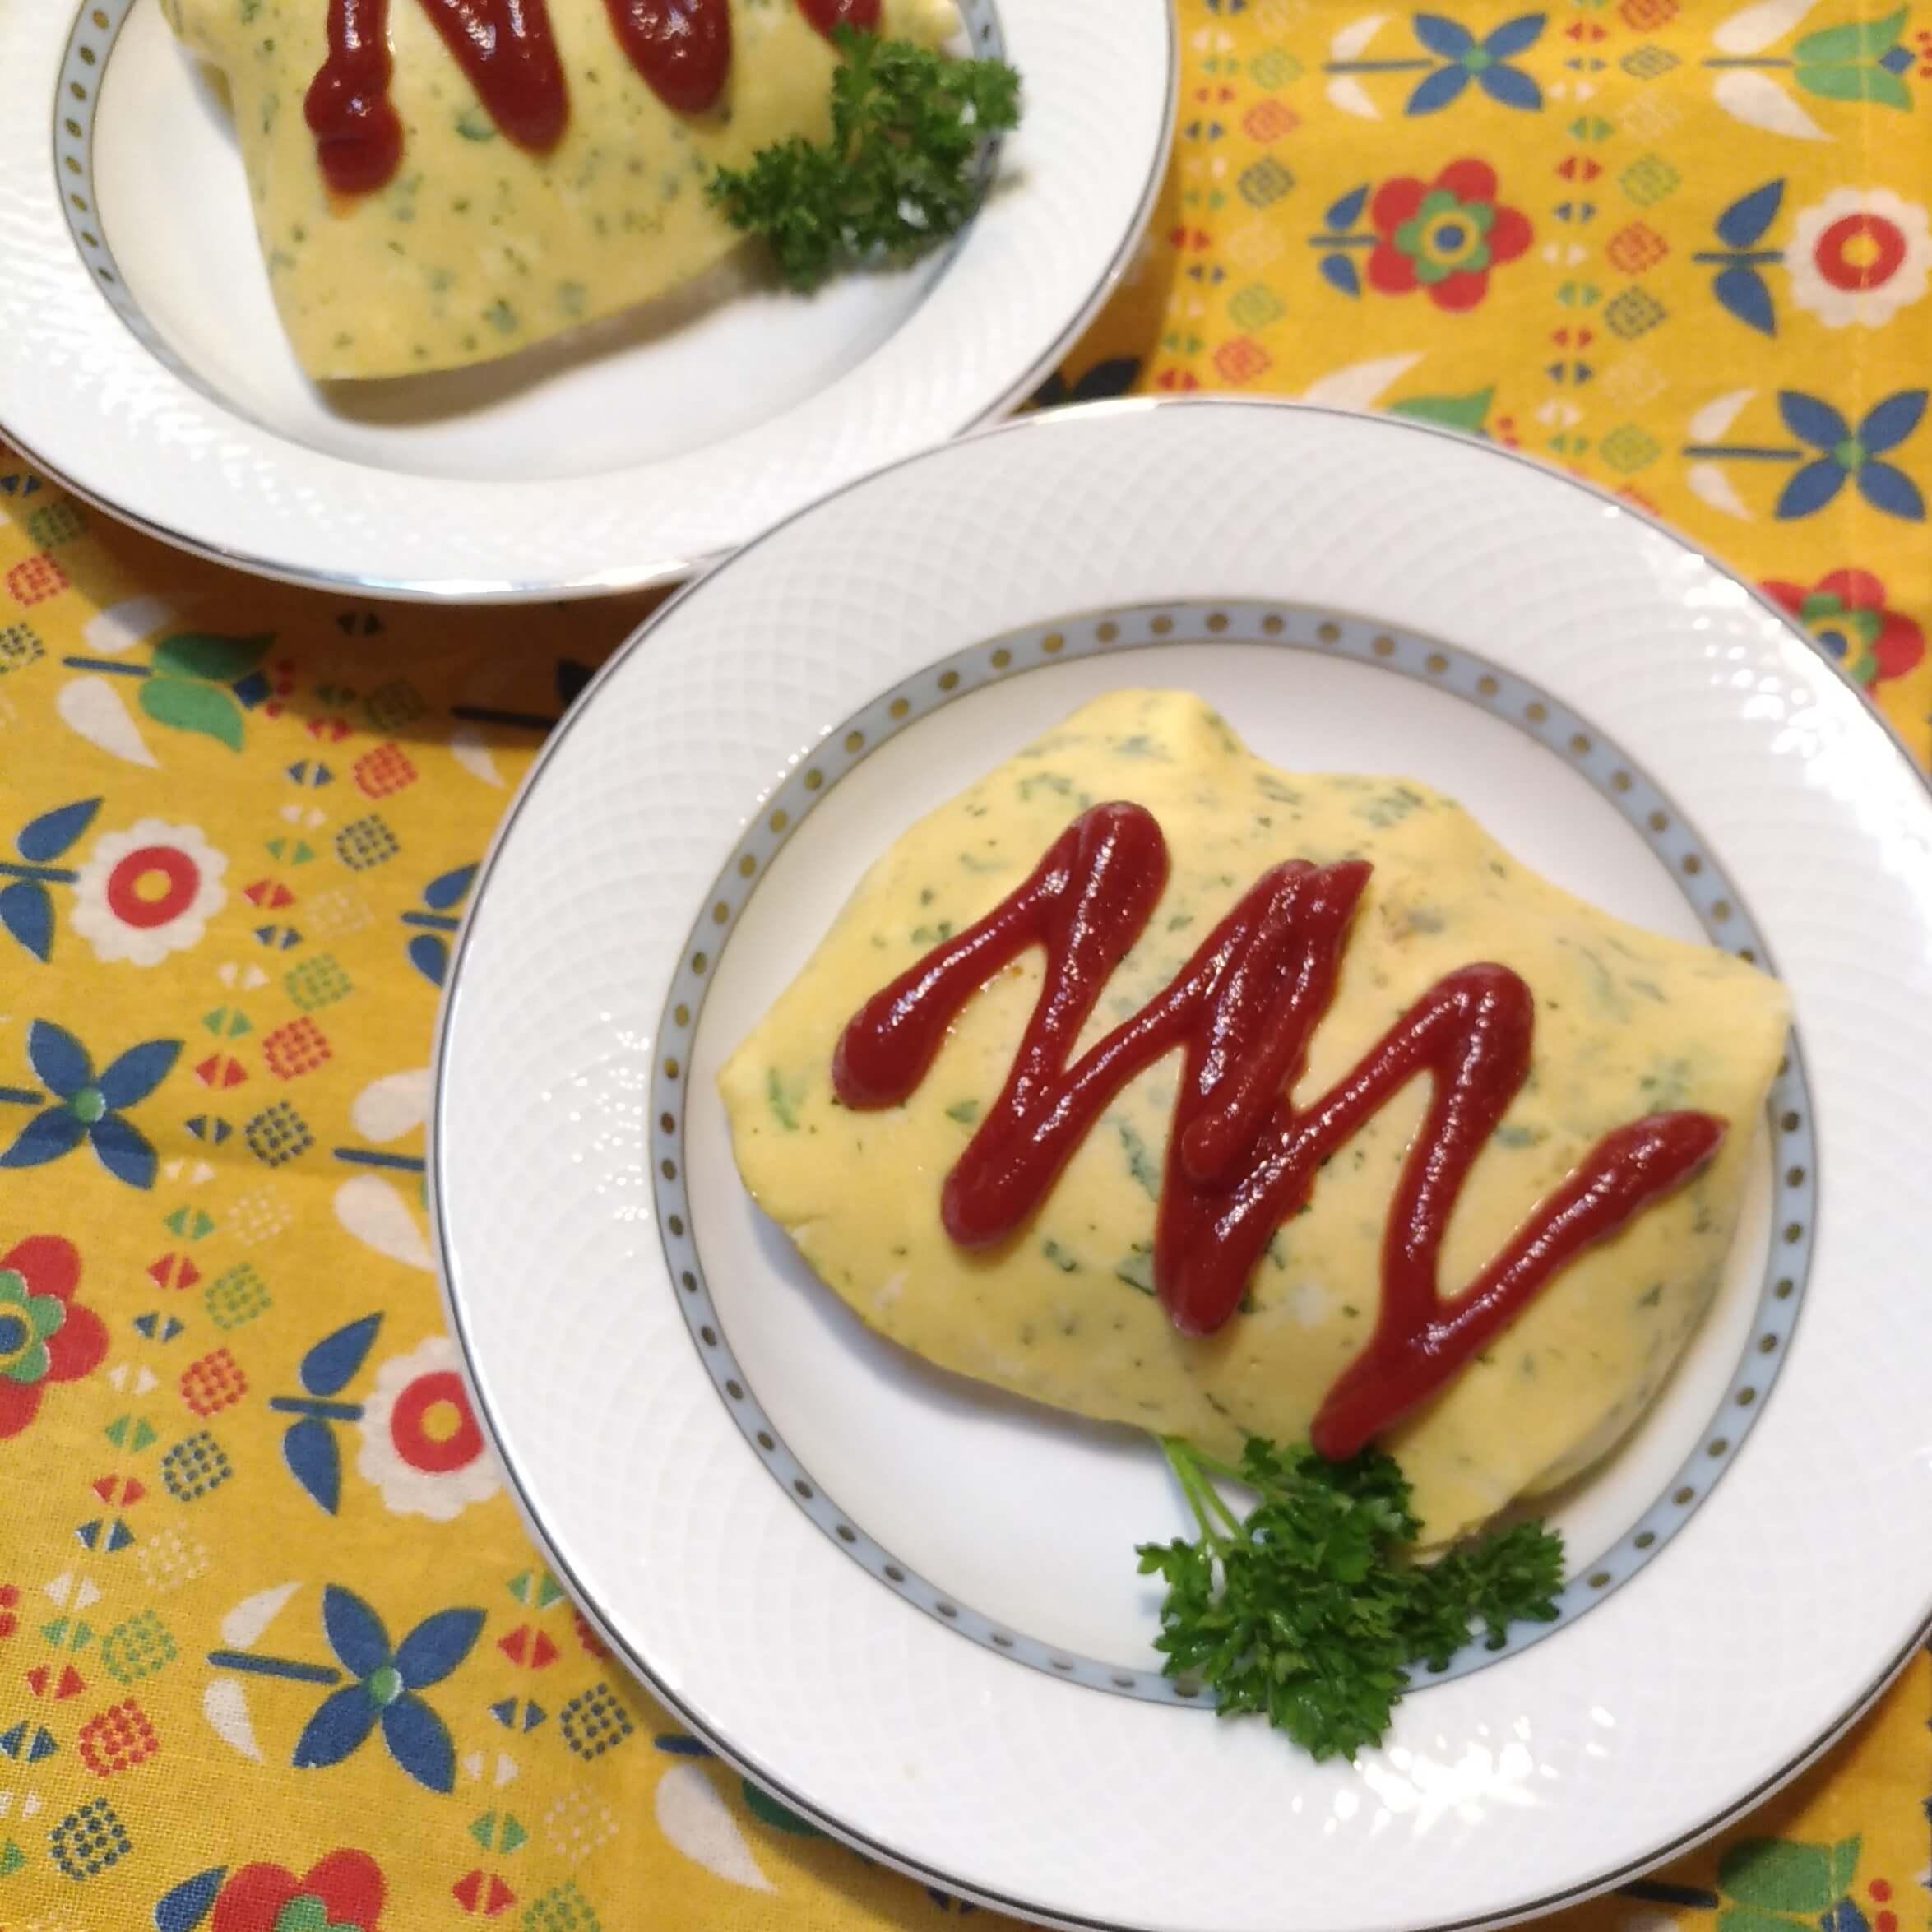 バターご飯で作るパセリ模様のオムライス